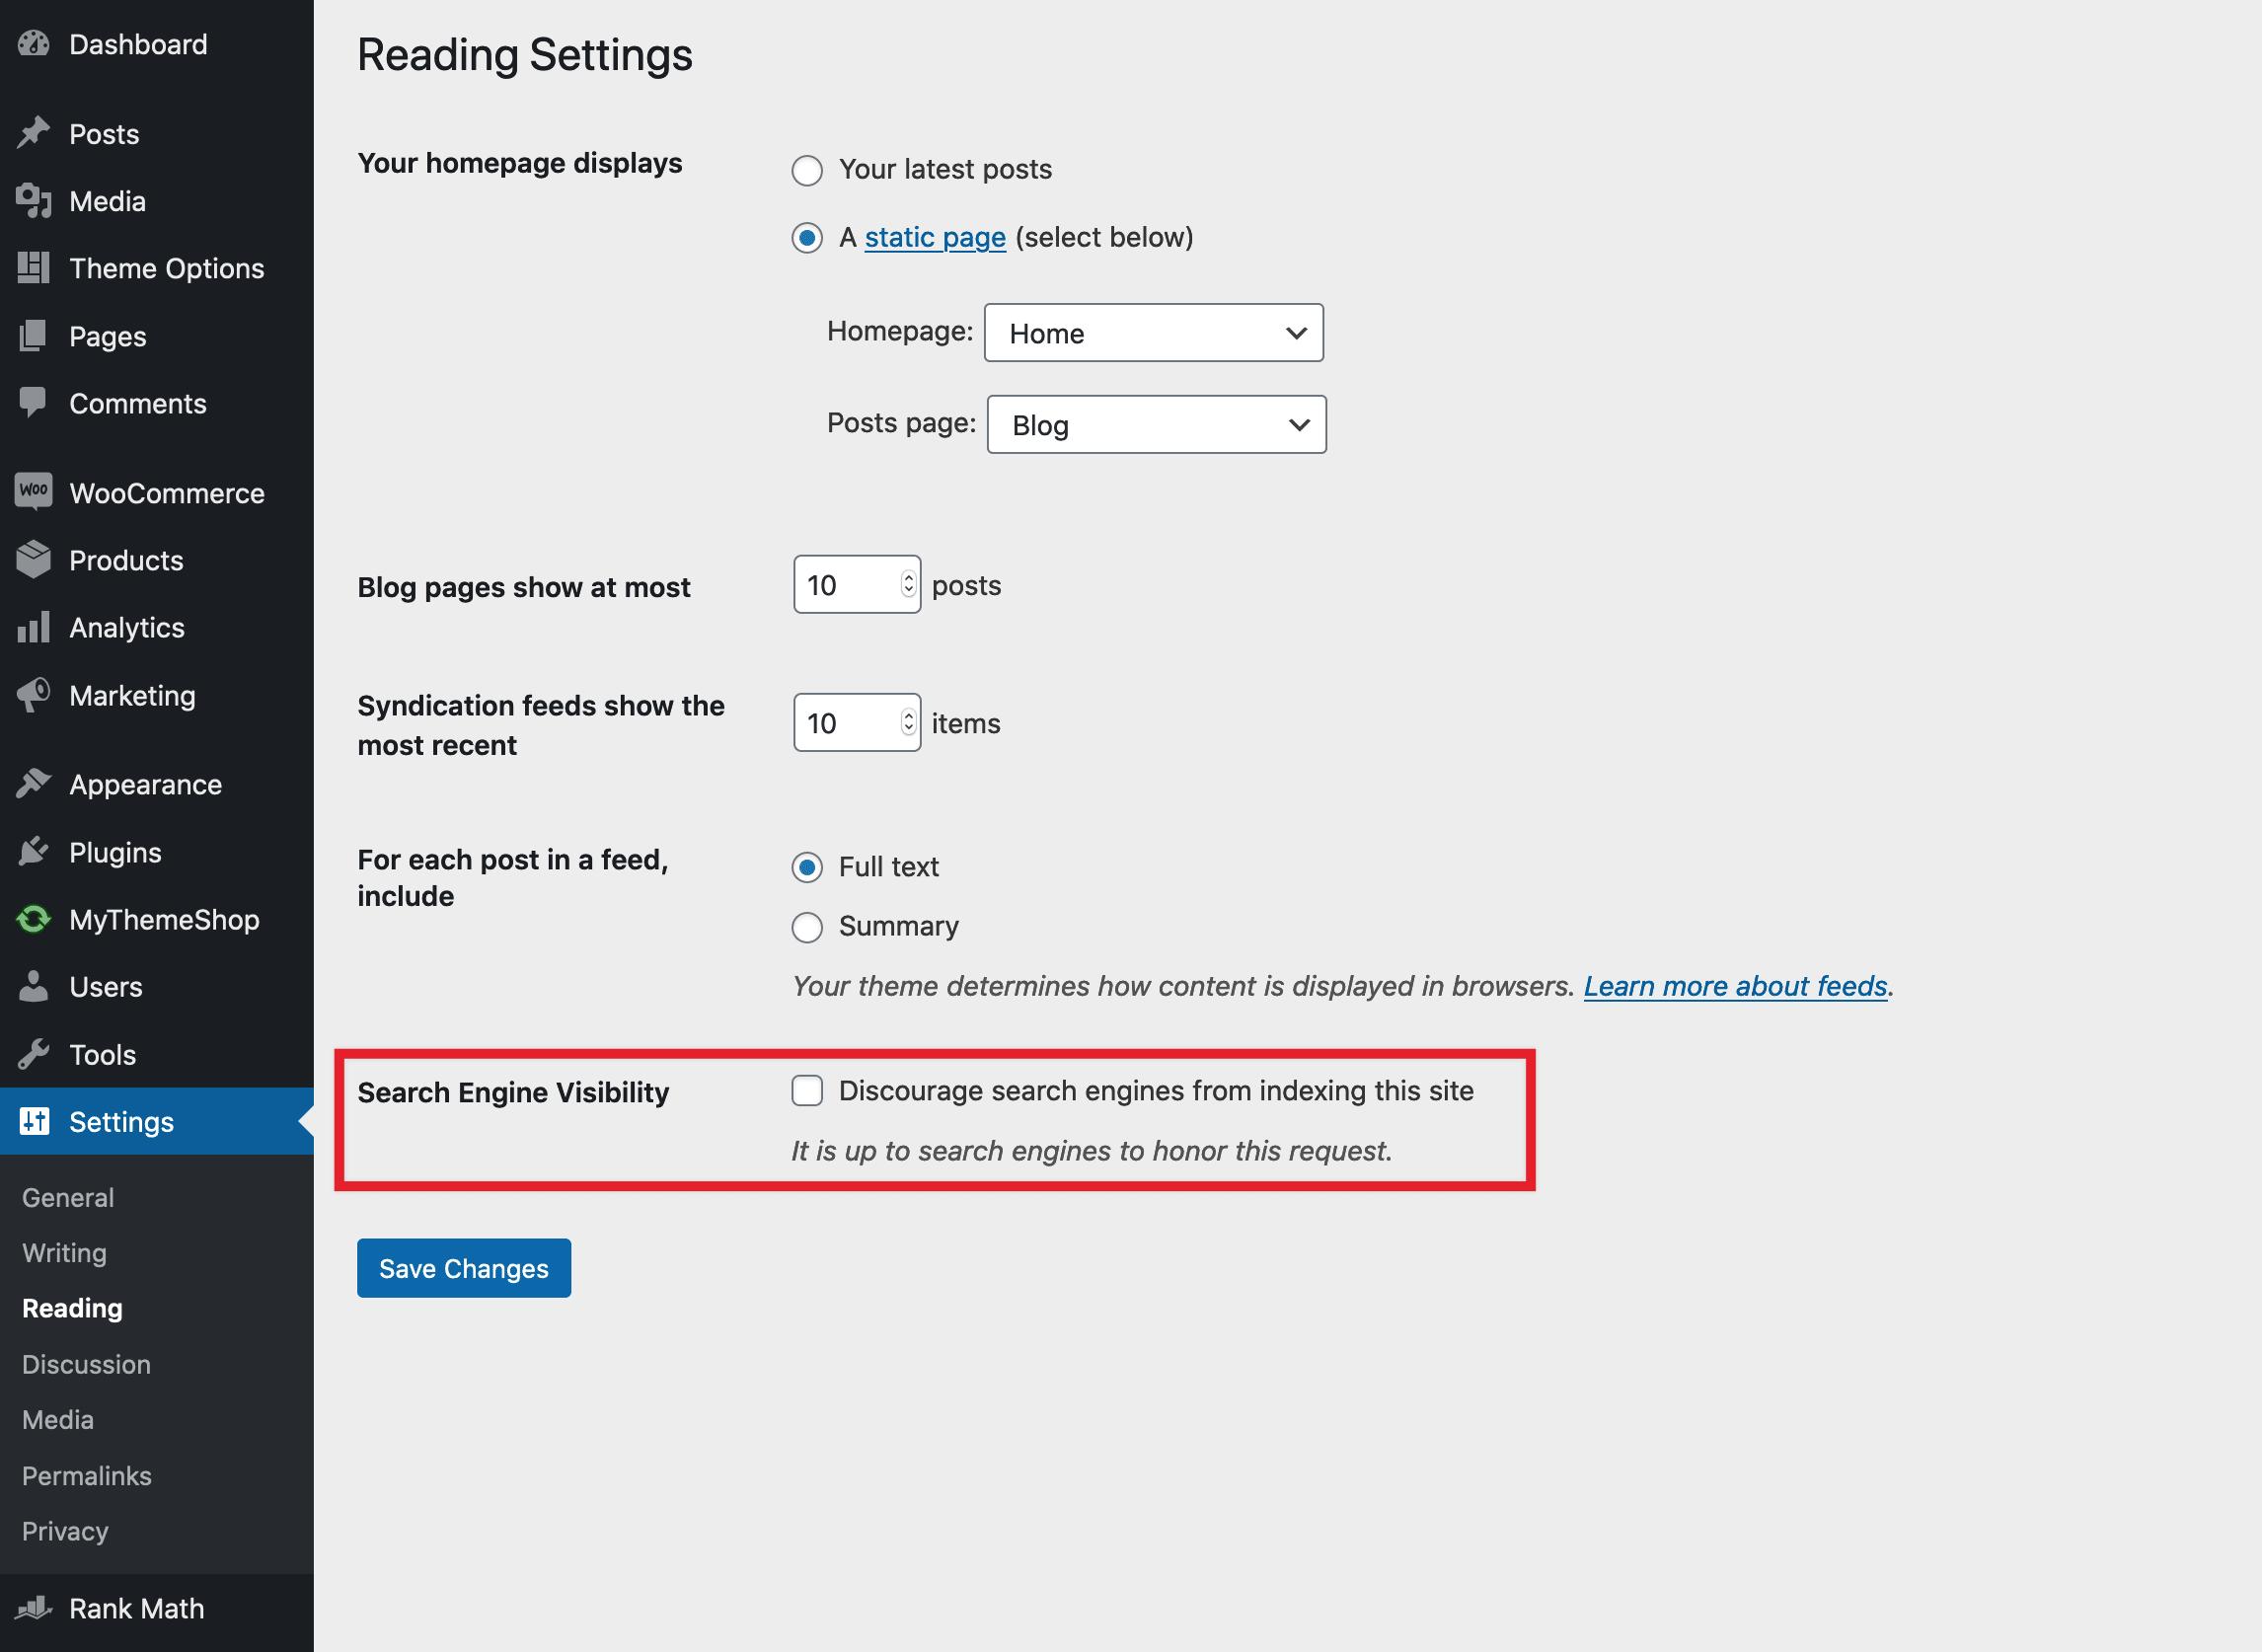 تنظیمات مربوط به نمایه نکردن موتورهای جستجو